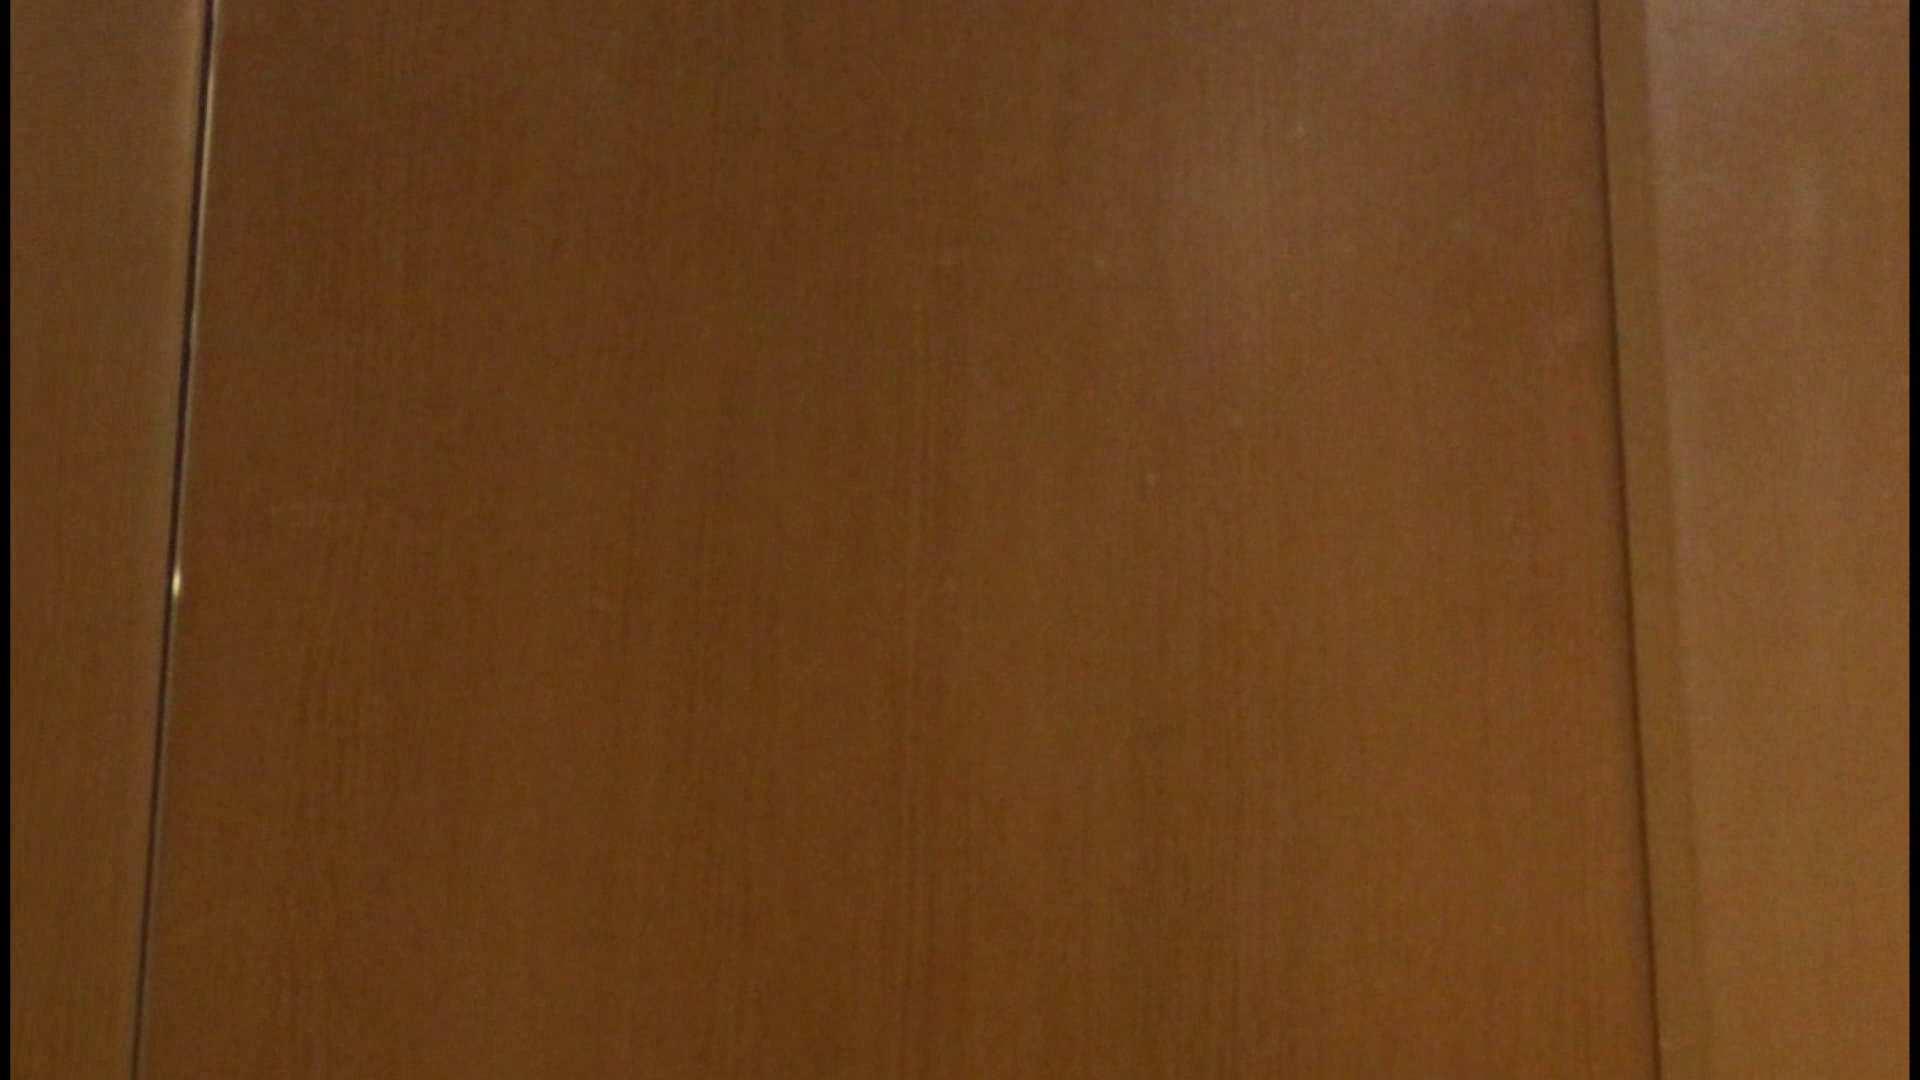 「噂」の国の厠観察日記2 Vol.08 0 | エロいOL  98枚